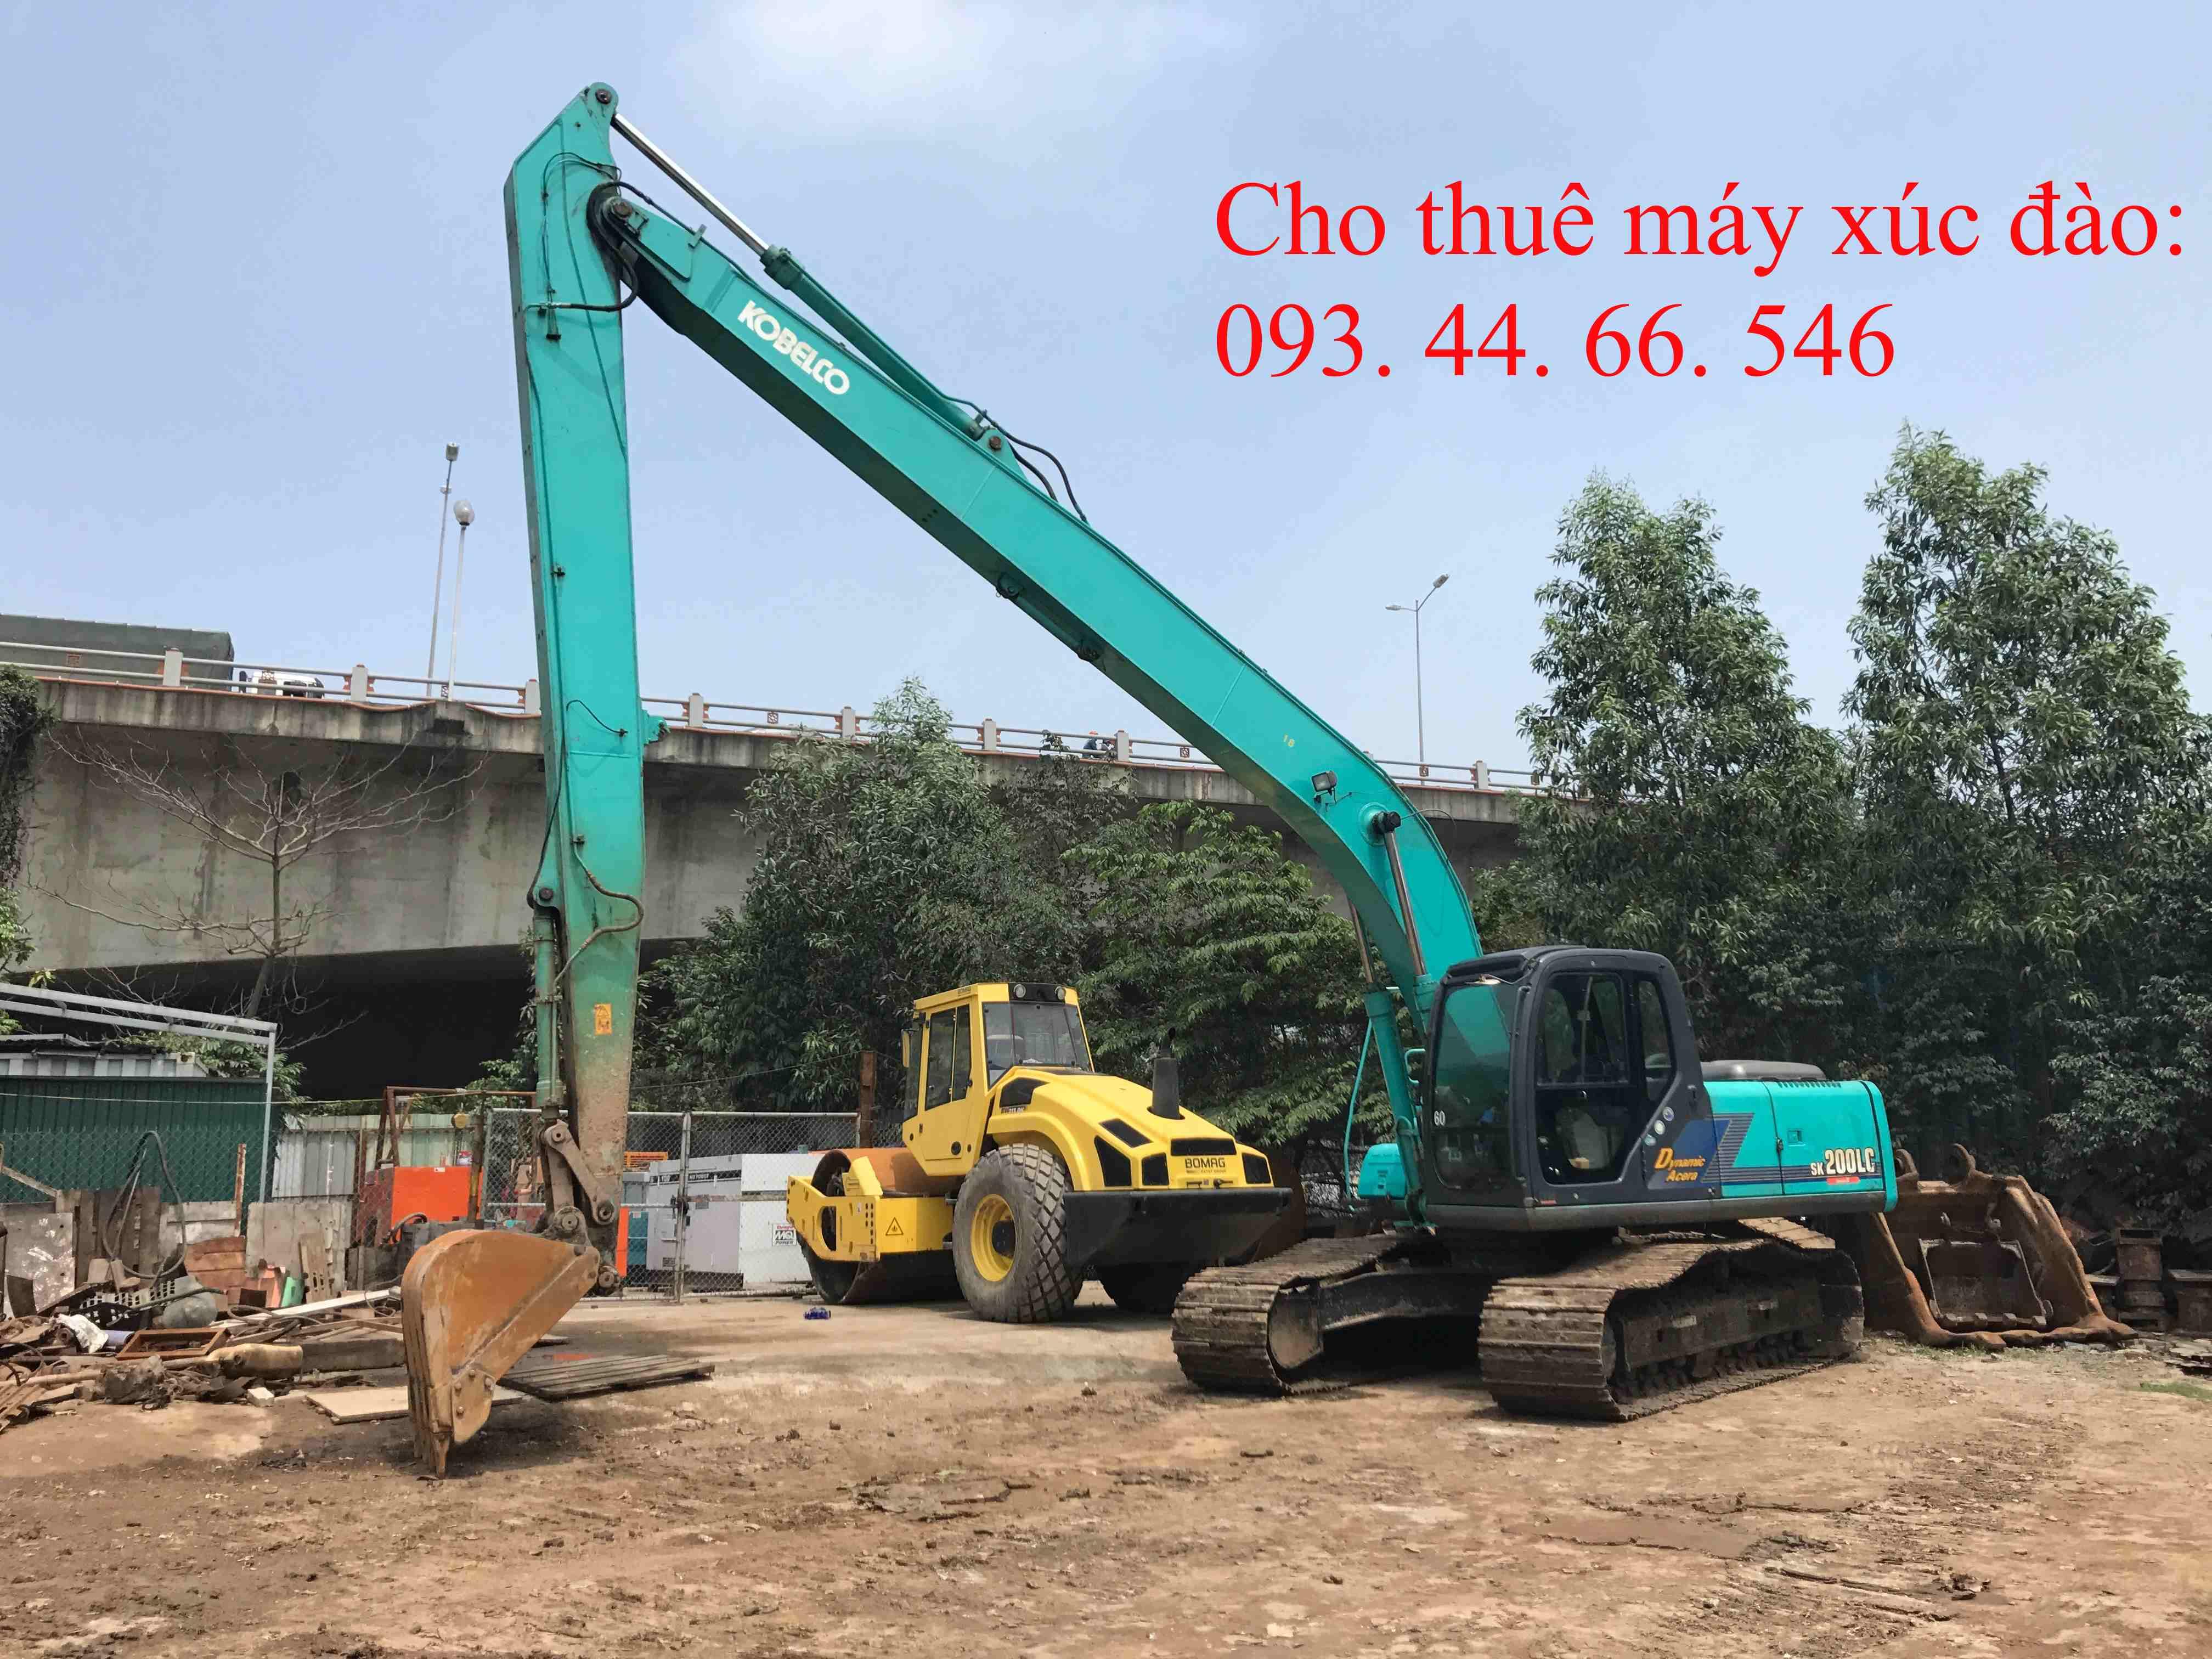 Cho thuê máy xúc đào cần dài Kobelco